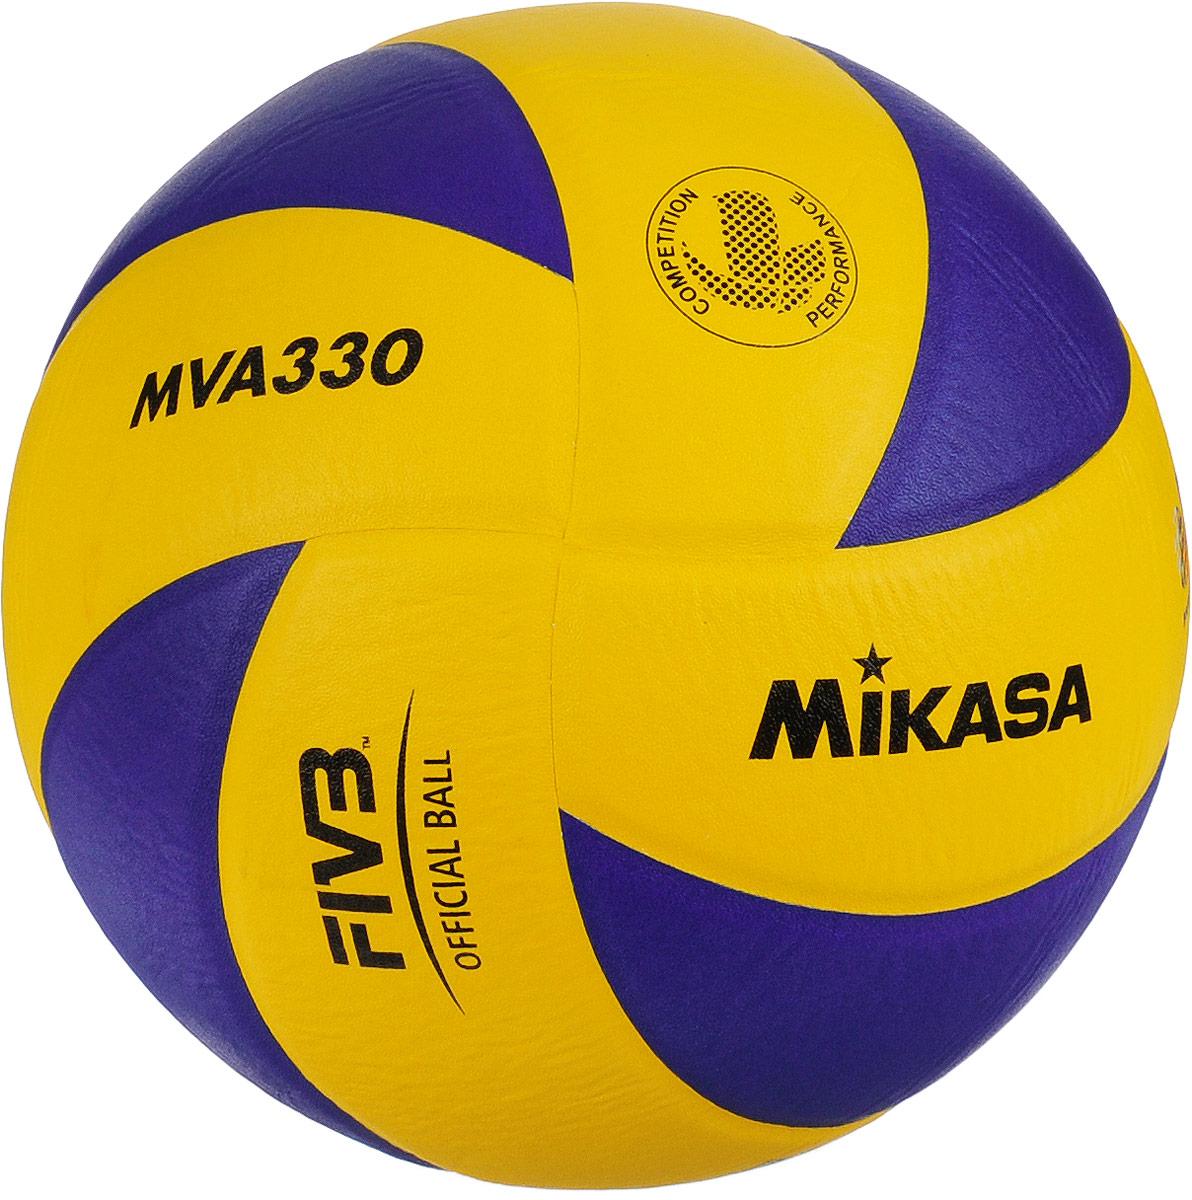 Мяч волейбольный Mikasa MVA 330. Размер 5УТ-00001285Мяч Mikasa MVA 330 предназначен для интенсивных тренировок и соревнований в зале. Изделие состоит из 8 панелей, выполненных из синтетической кожи. Камера изготовлена из бутила.УВАЖЕМЫЕ КЛИЕНТЫ!Обращаем ваше внимание на тот факт, что мяч поставляется в сдутом виде. Насос в комплект не входит.